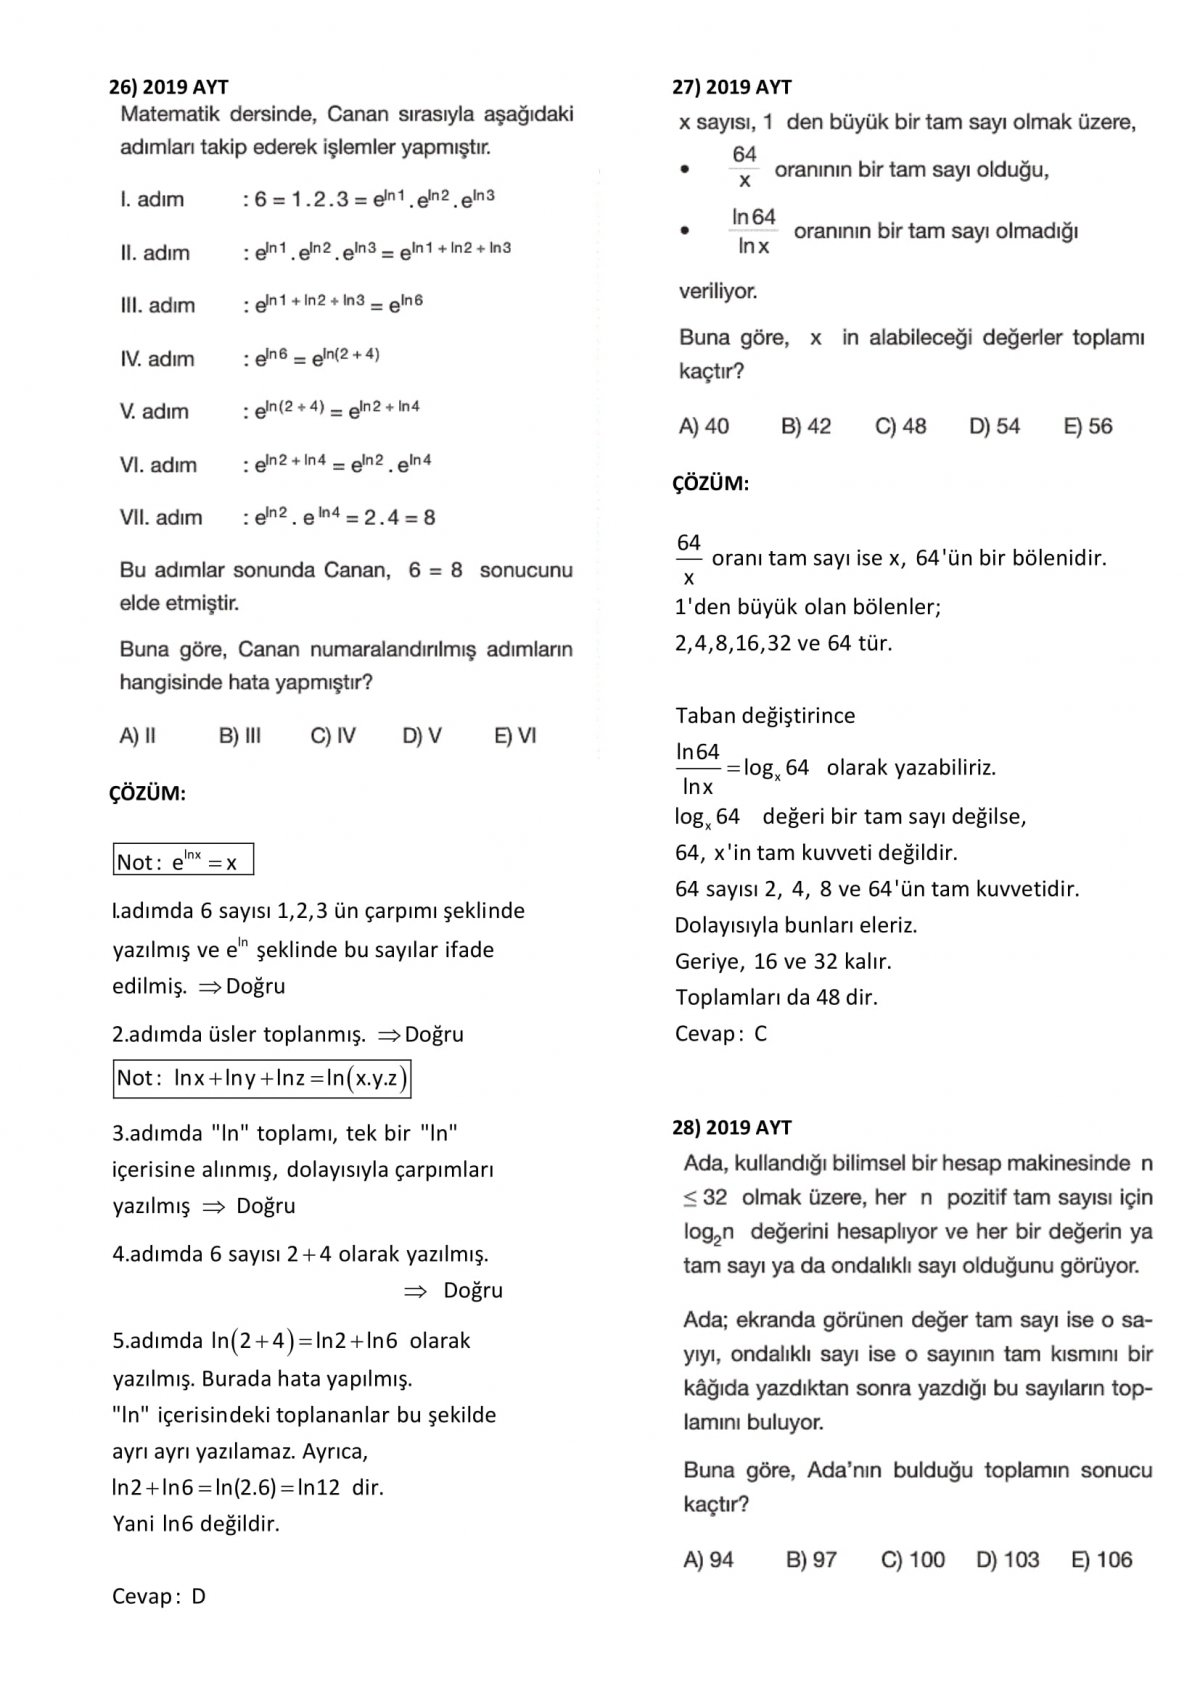 Logaritma-Çıkmış-Sorular-ve-Çözümleri-09.jpg